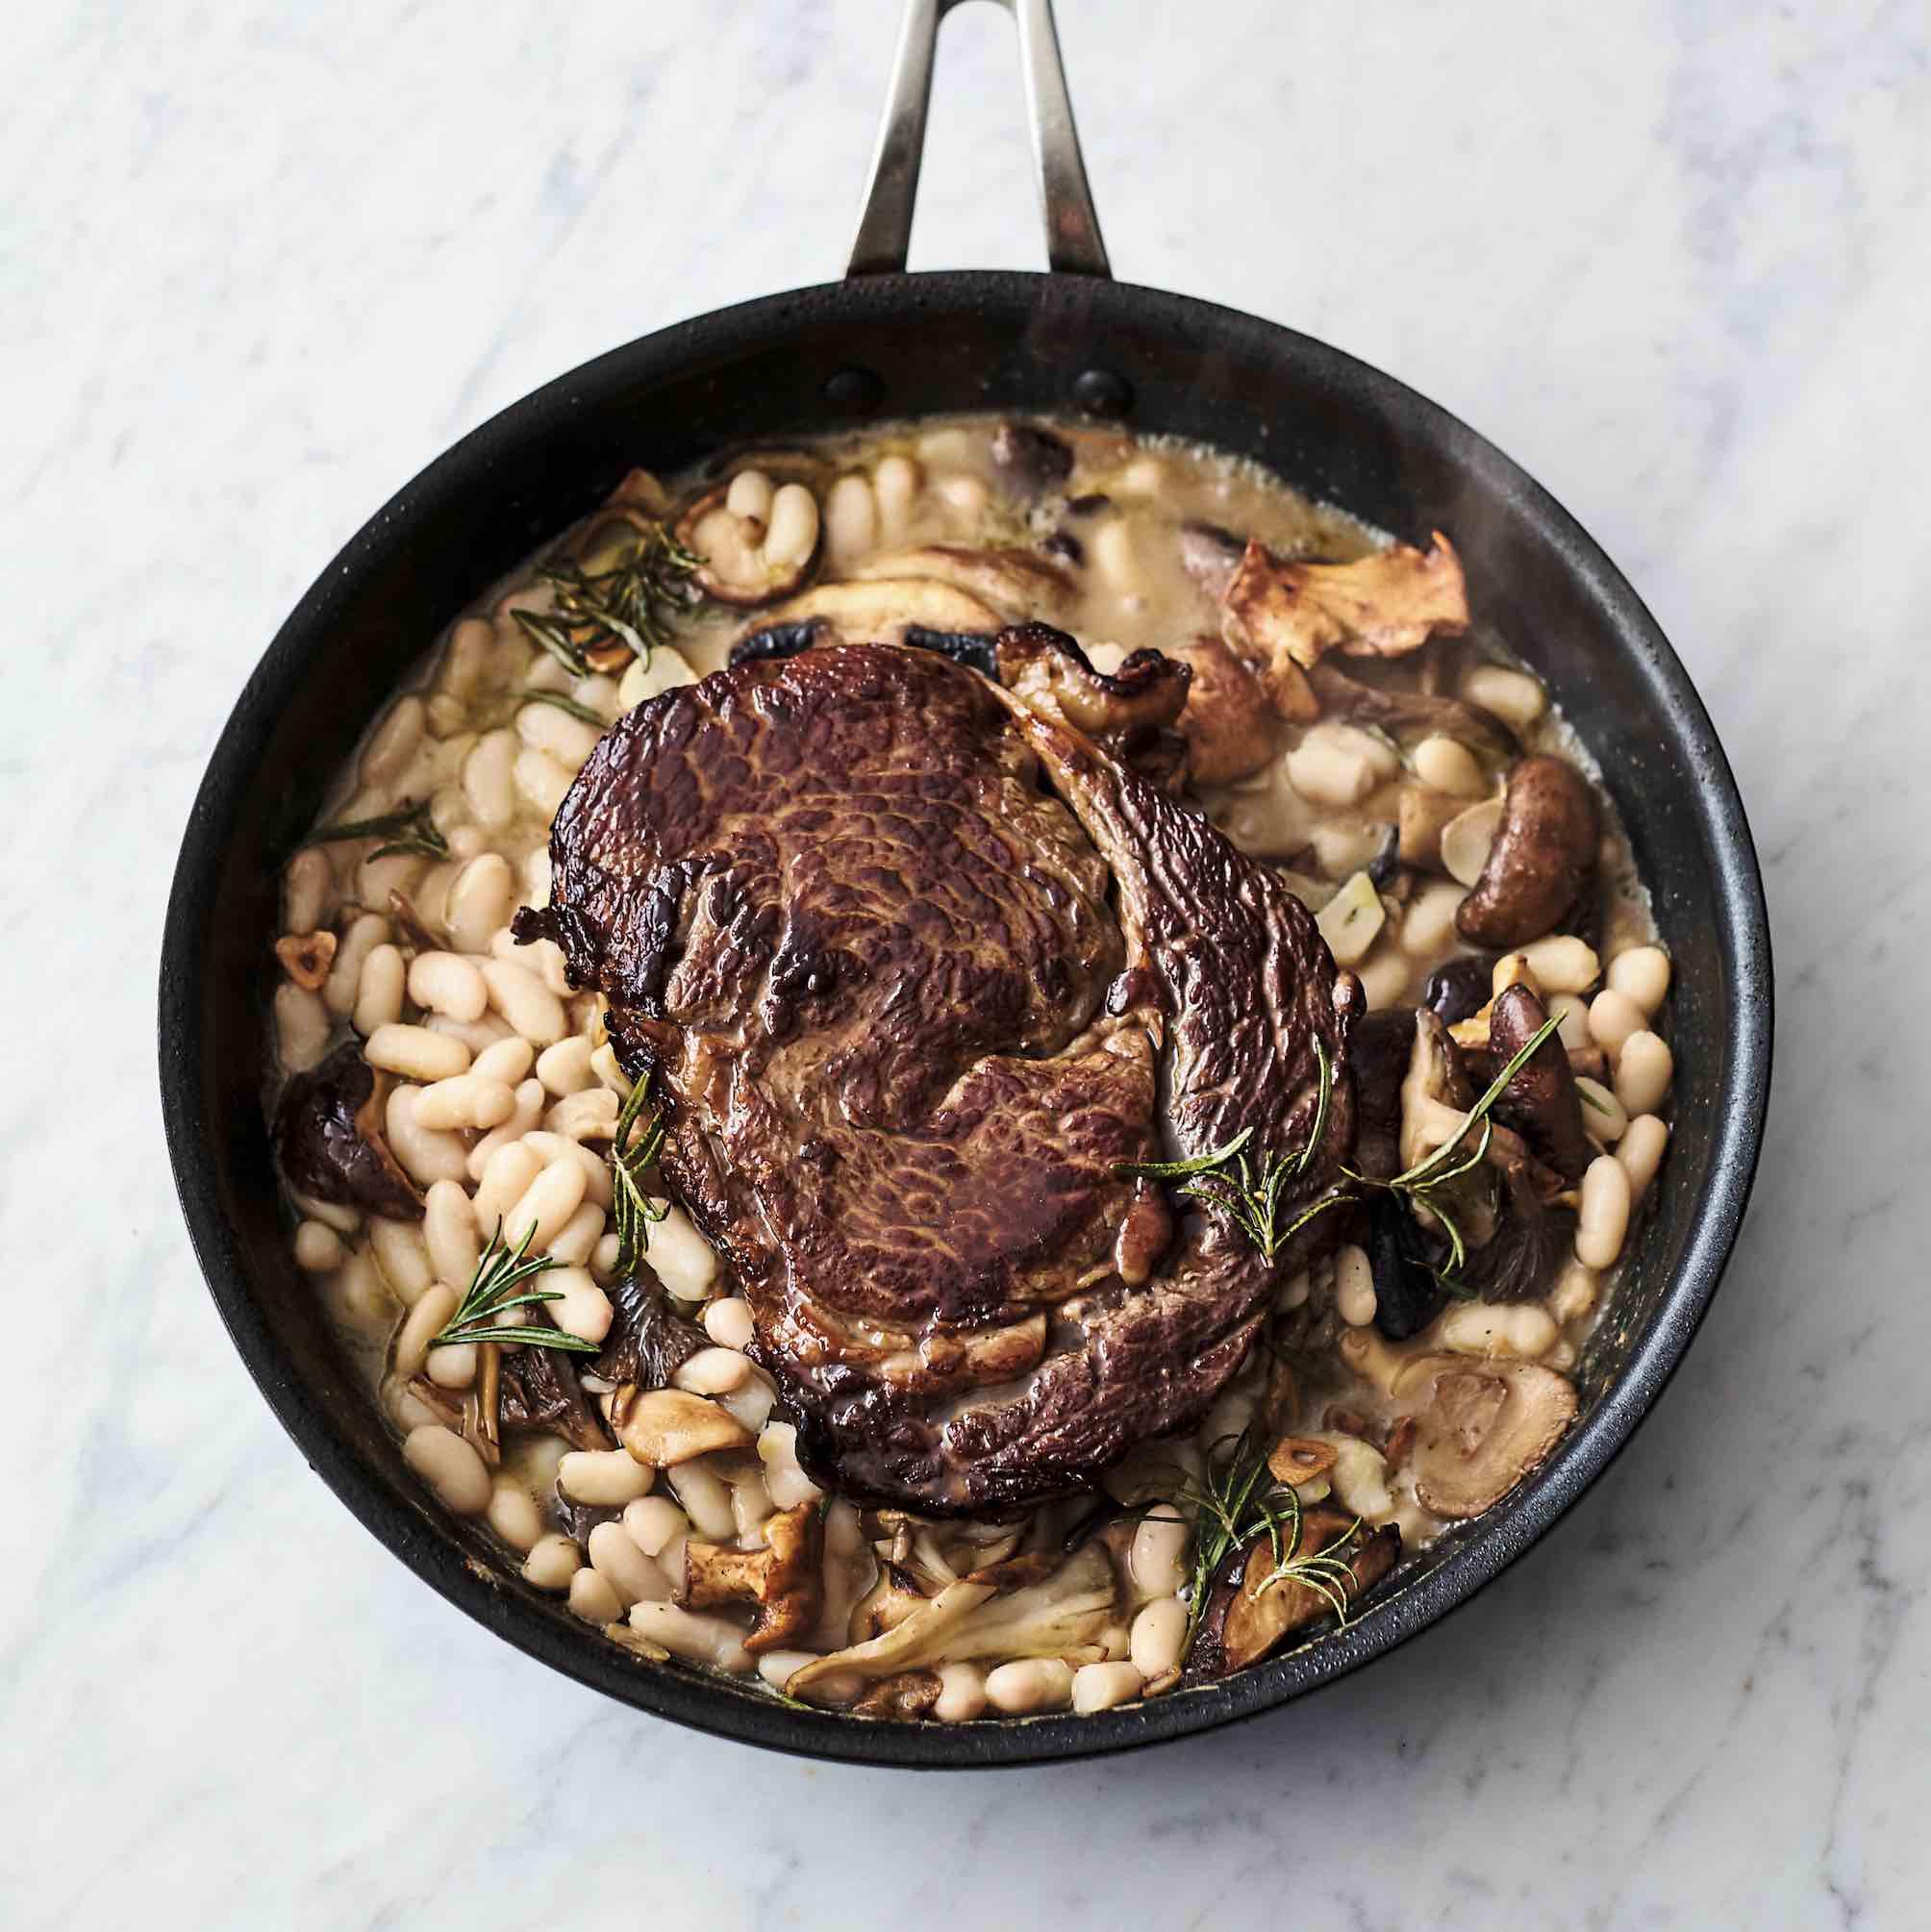 Jamie Oliver's epic rib-eye steak